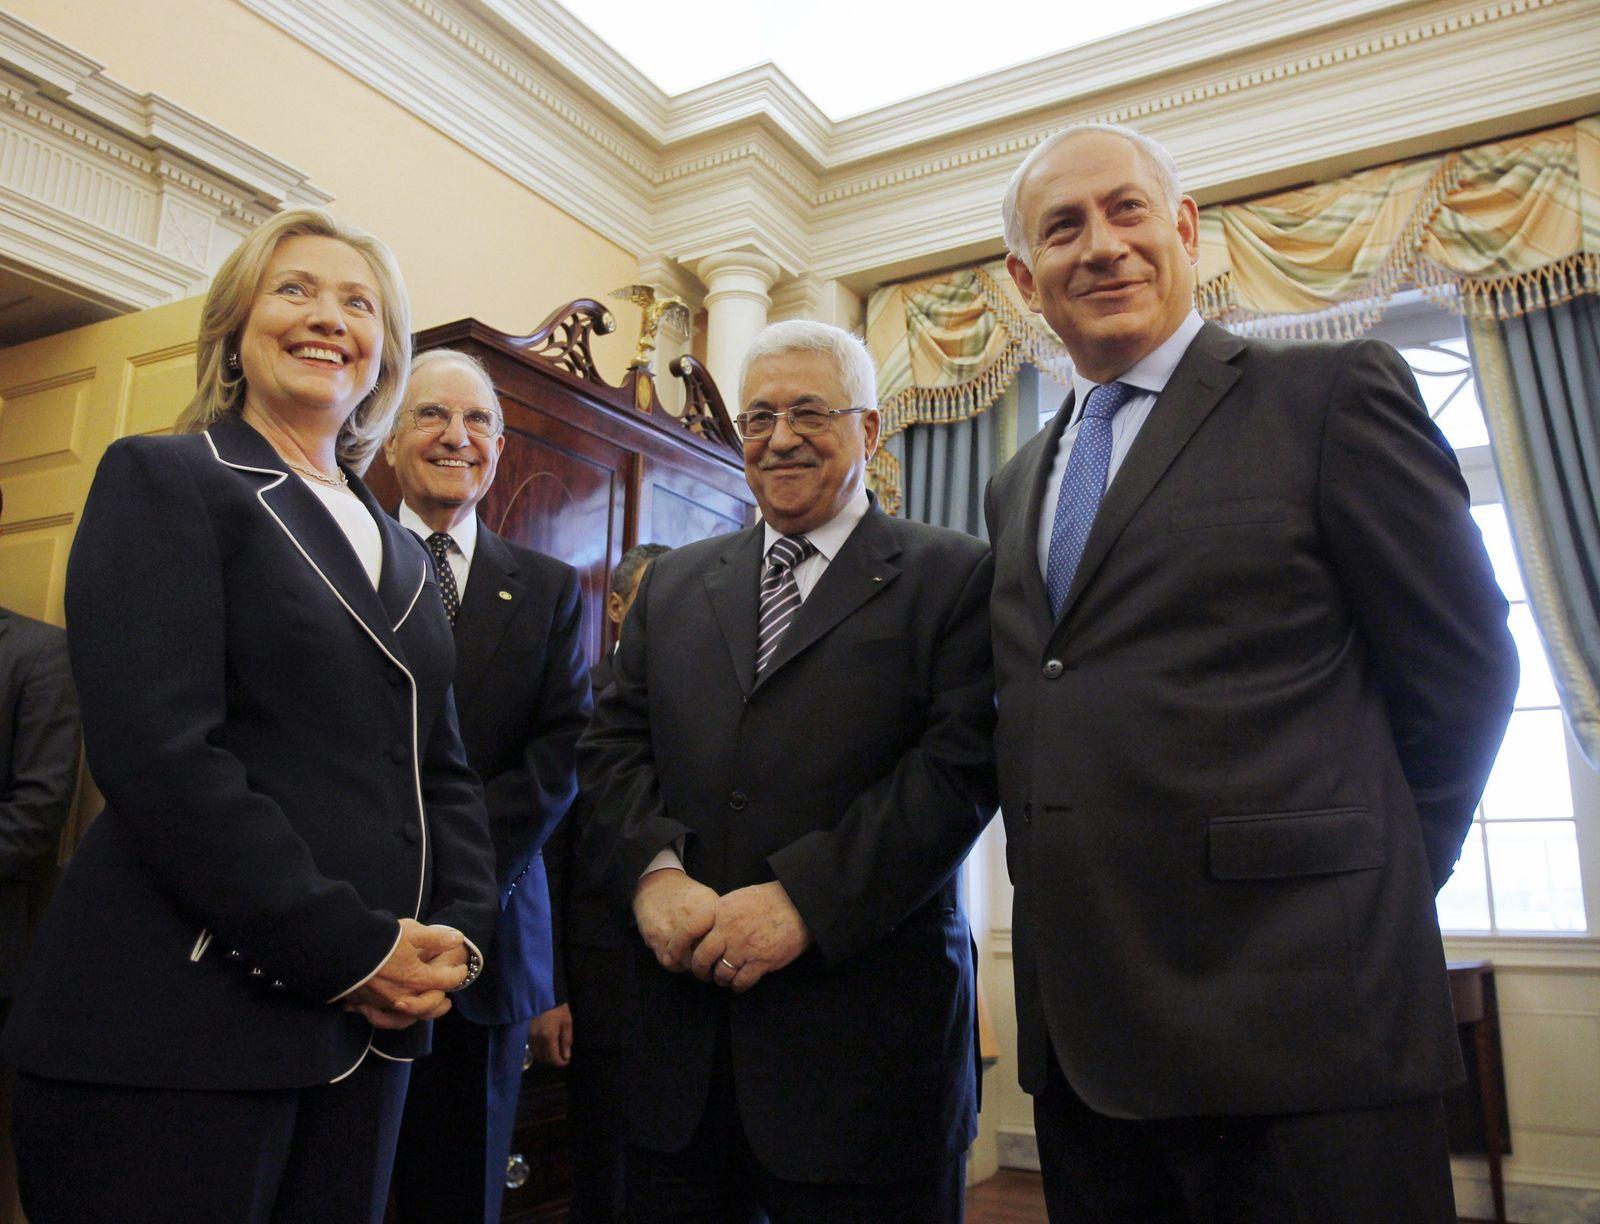 Abbas & Netanjahu & Clinton